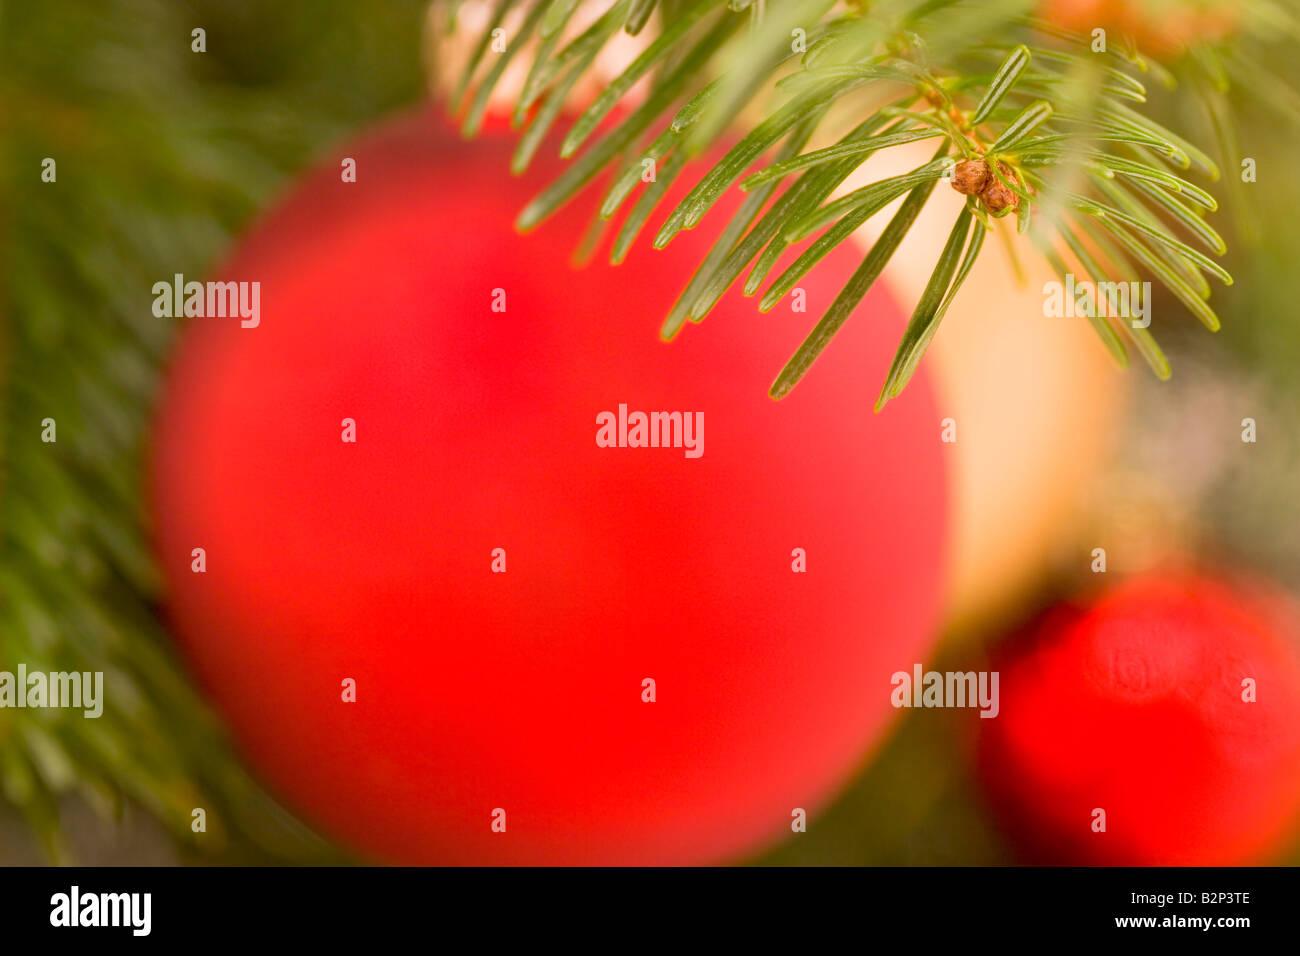 Arrière-plan flou de décorations de Noël l'accent sur les aiguilles de sapin en premier plan Banque D'Images